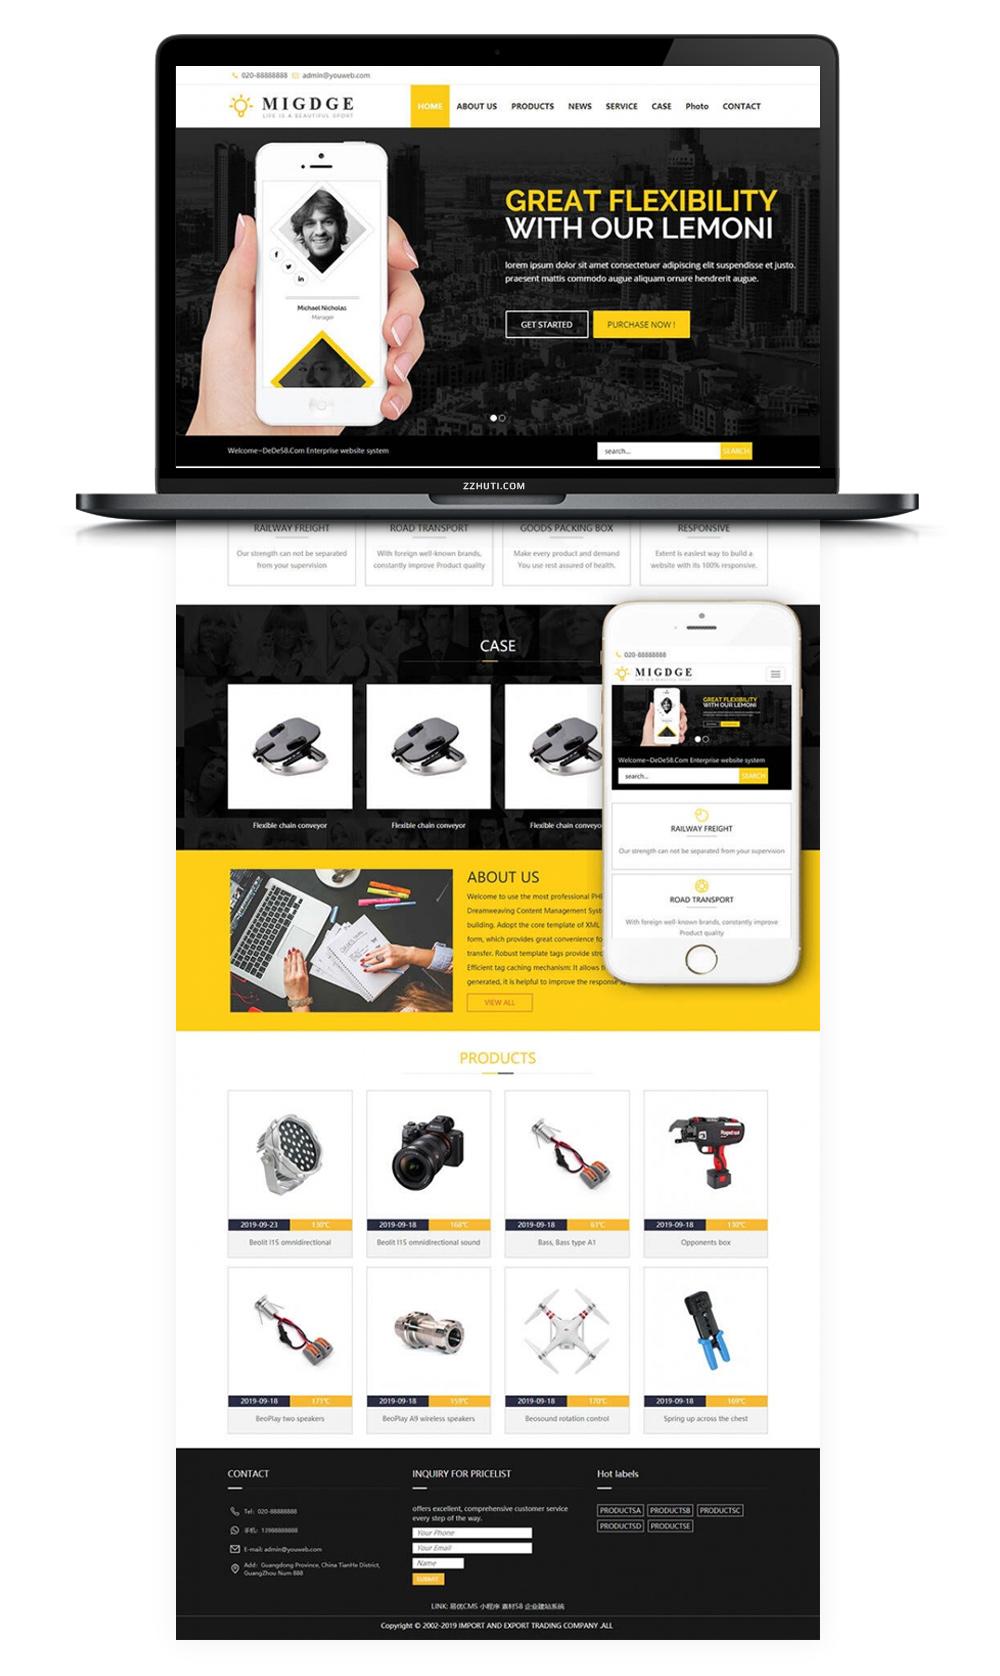 织梦dedecms响应式五金电器出口外贸公司英文网站模板(自适应手机移动端)-蓝汇源码